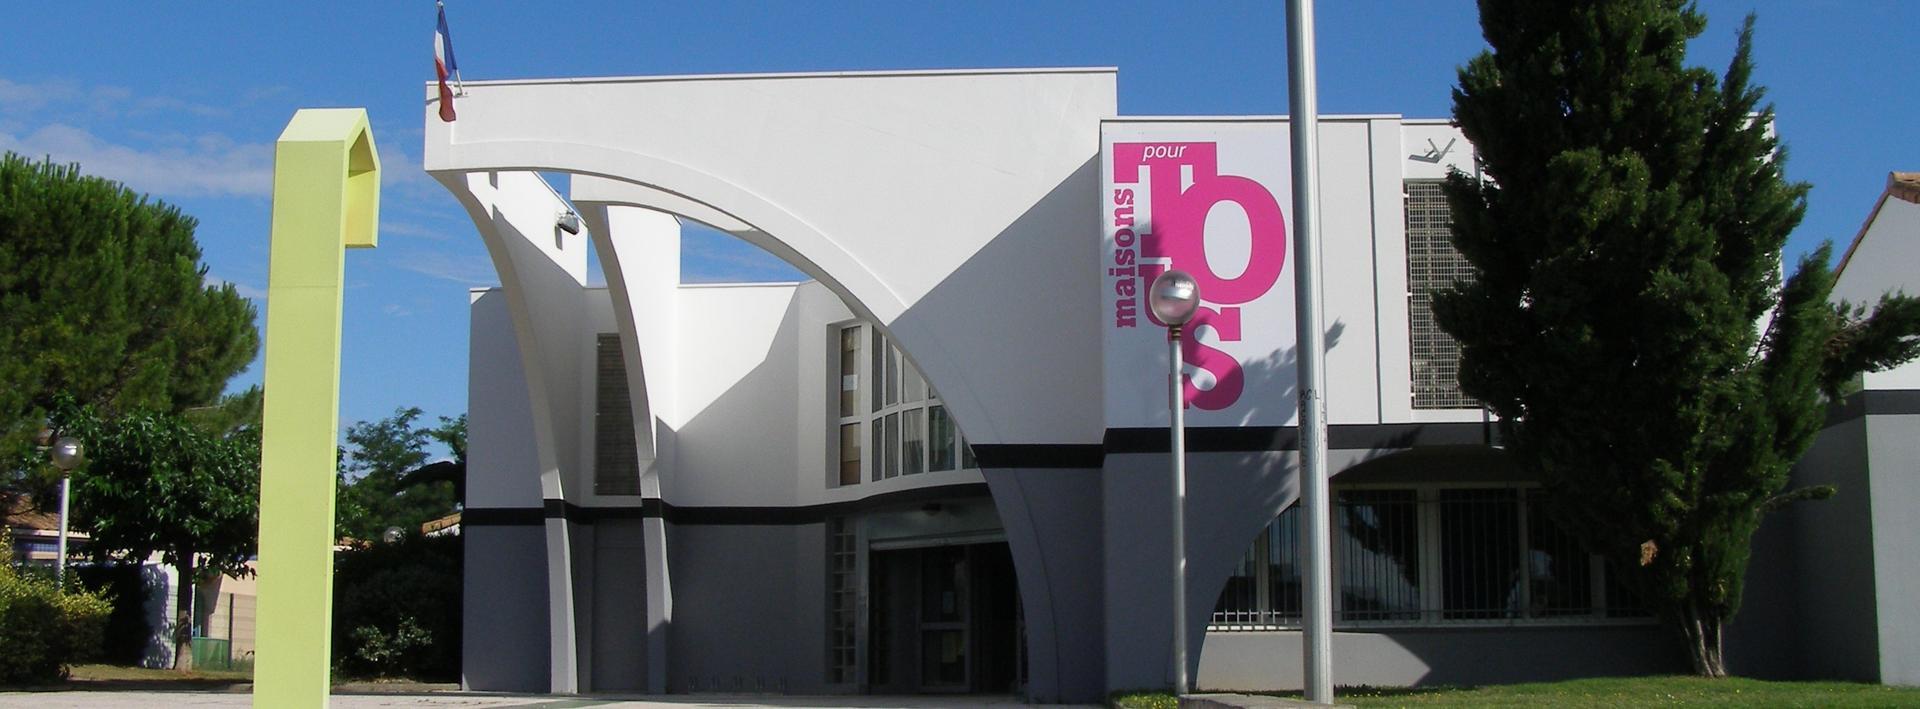 Maison Pour Tous Marcel Pagnol Ville De Montpellier